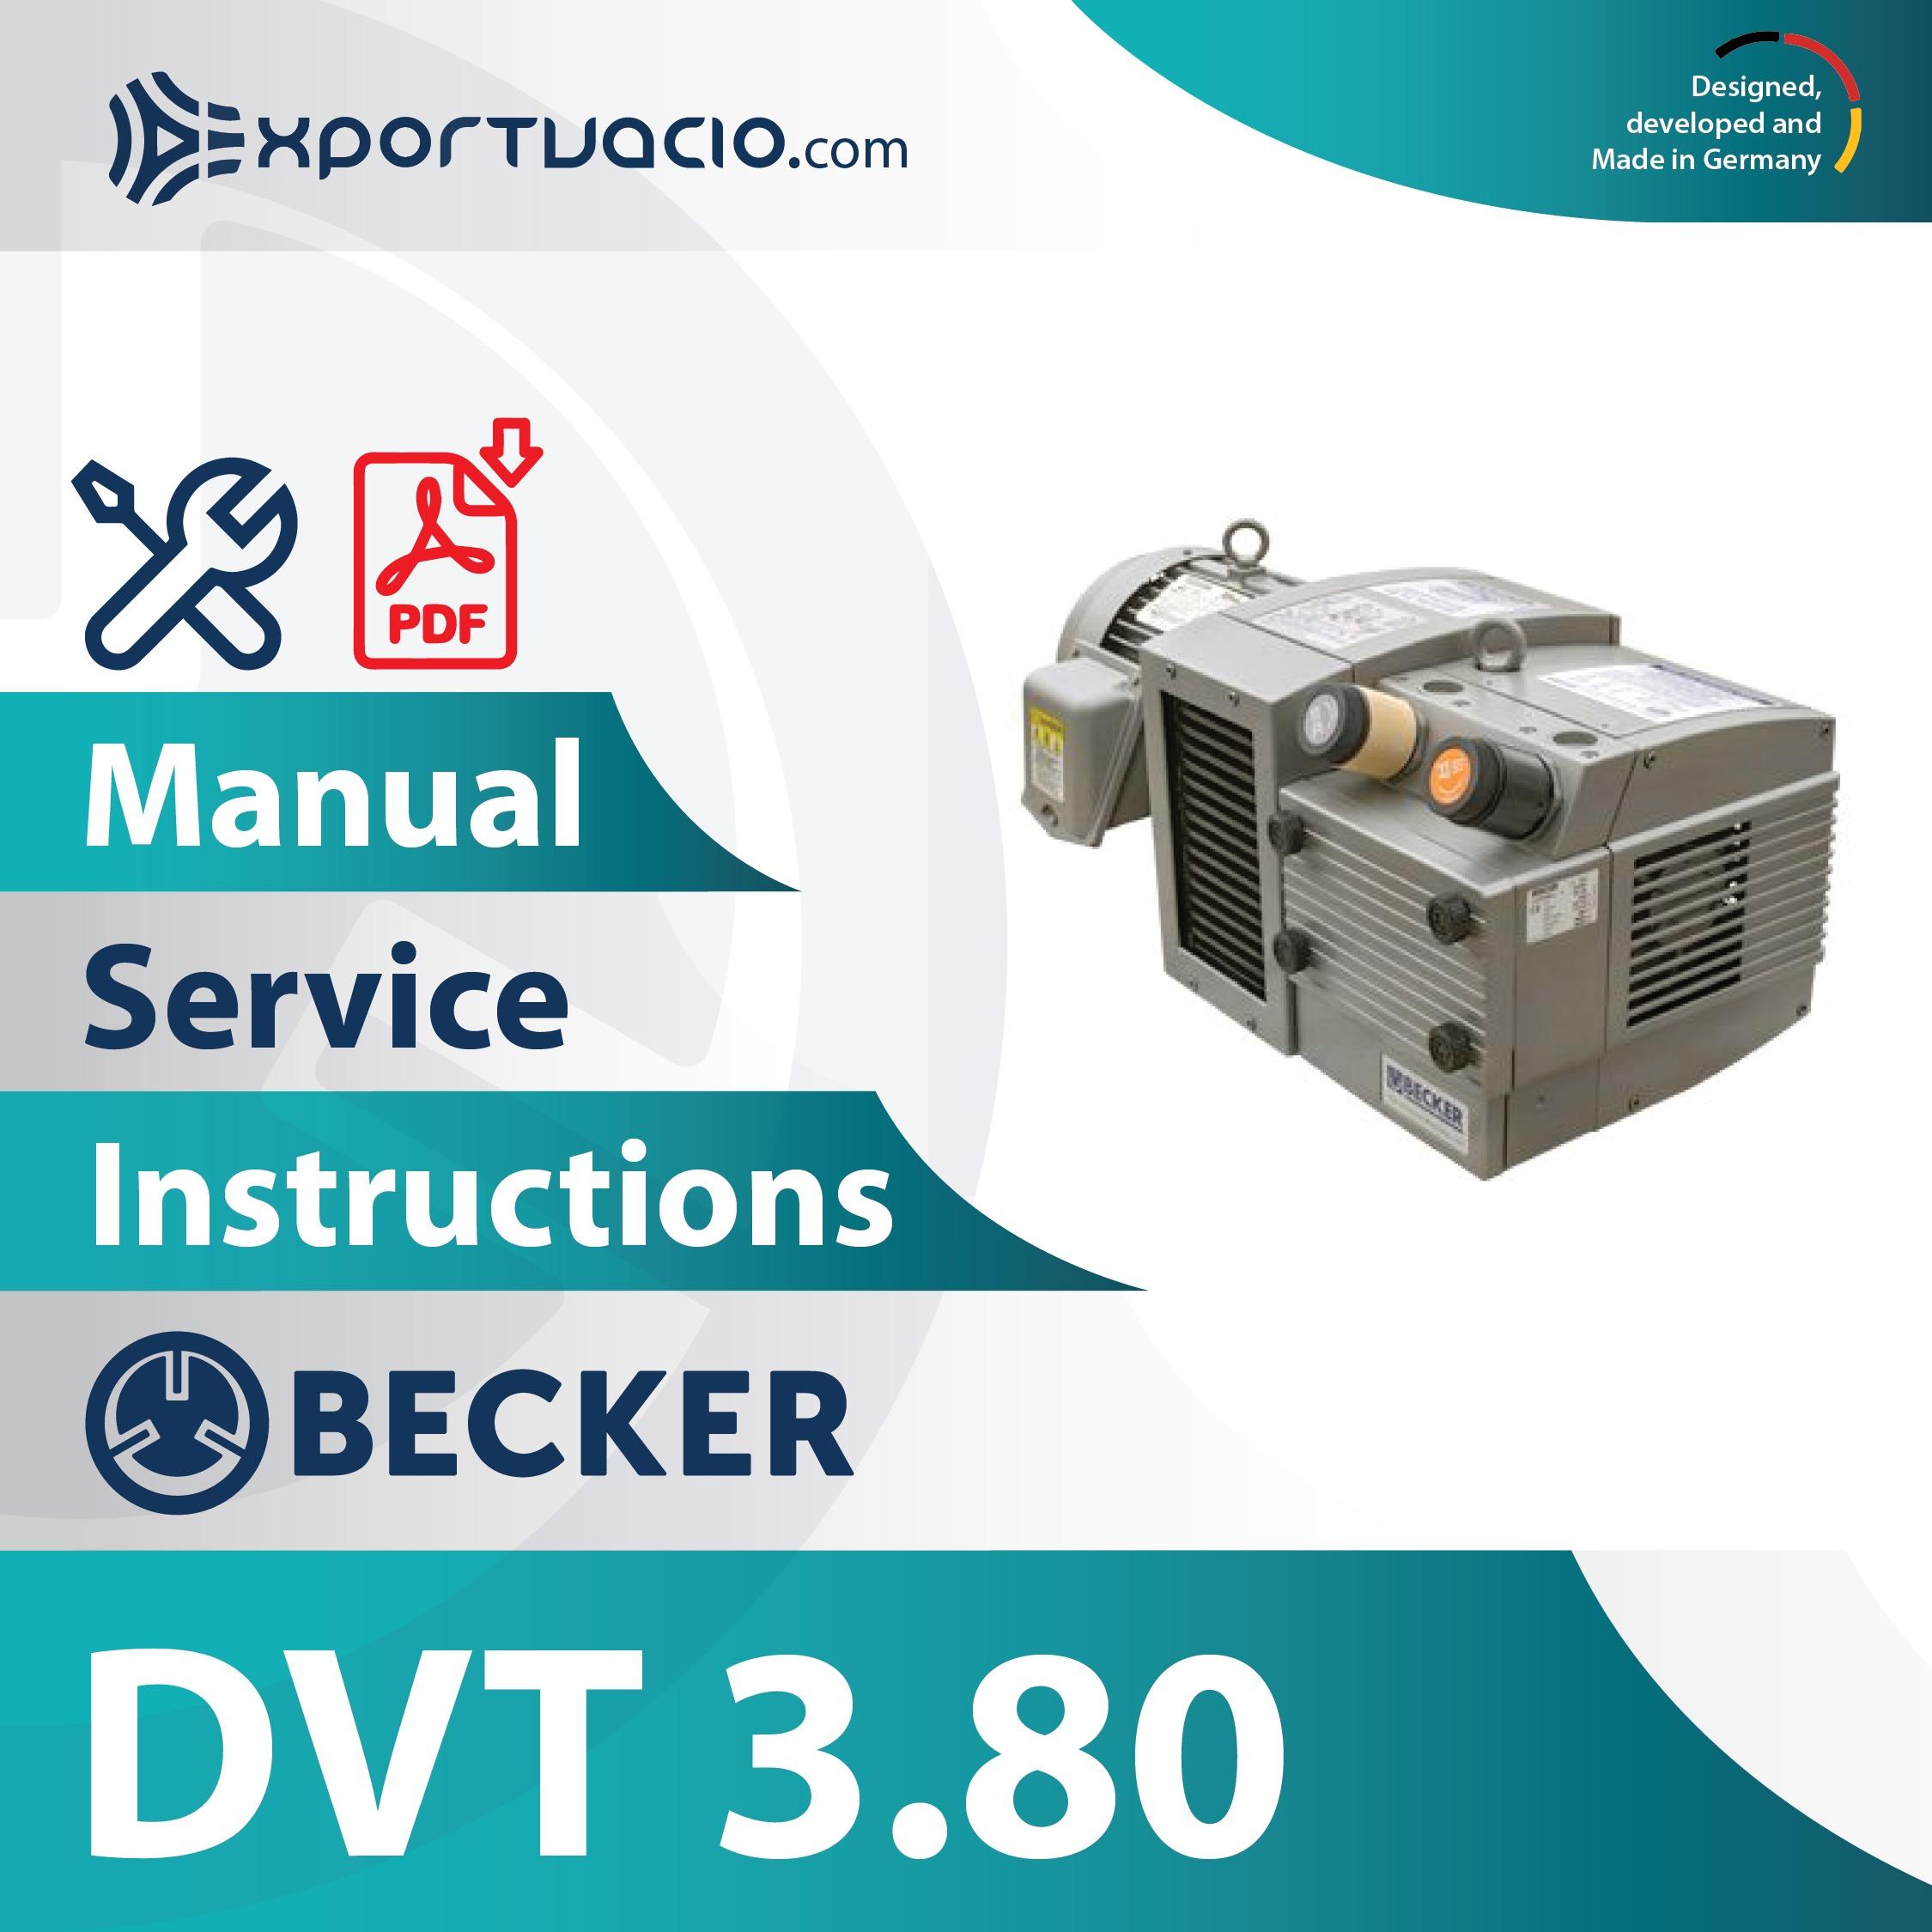 Becker DVT 3.80